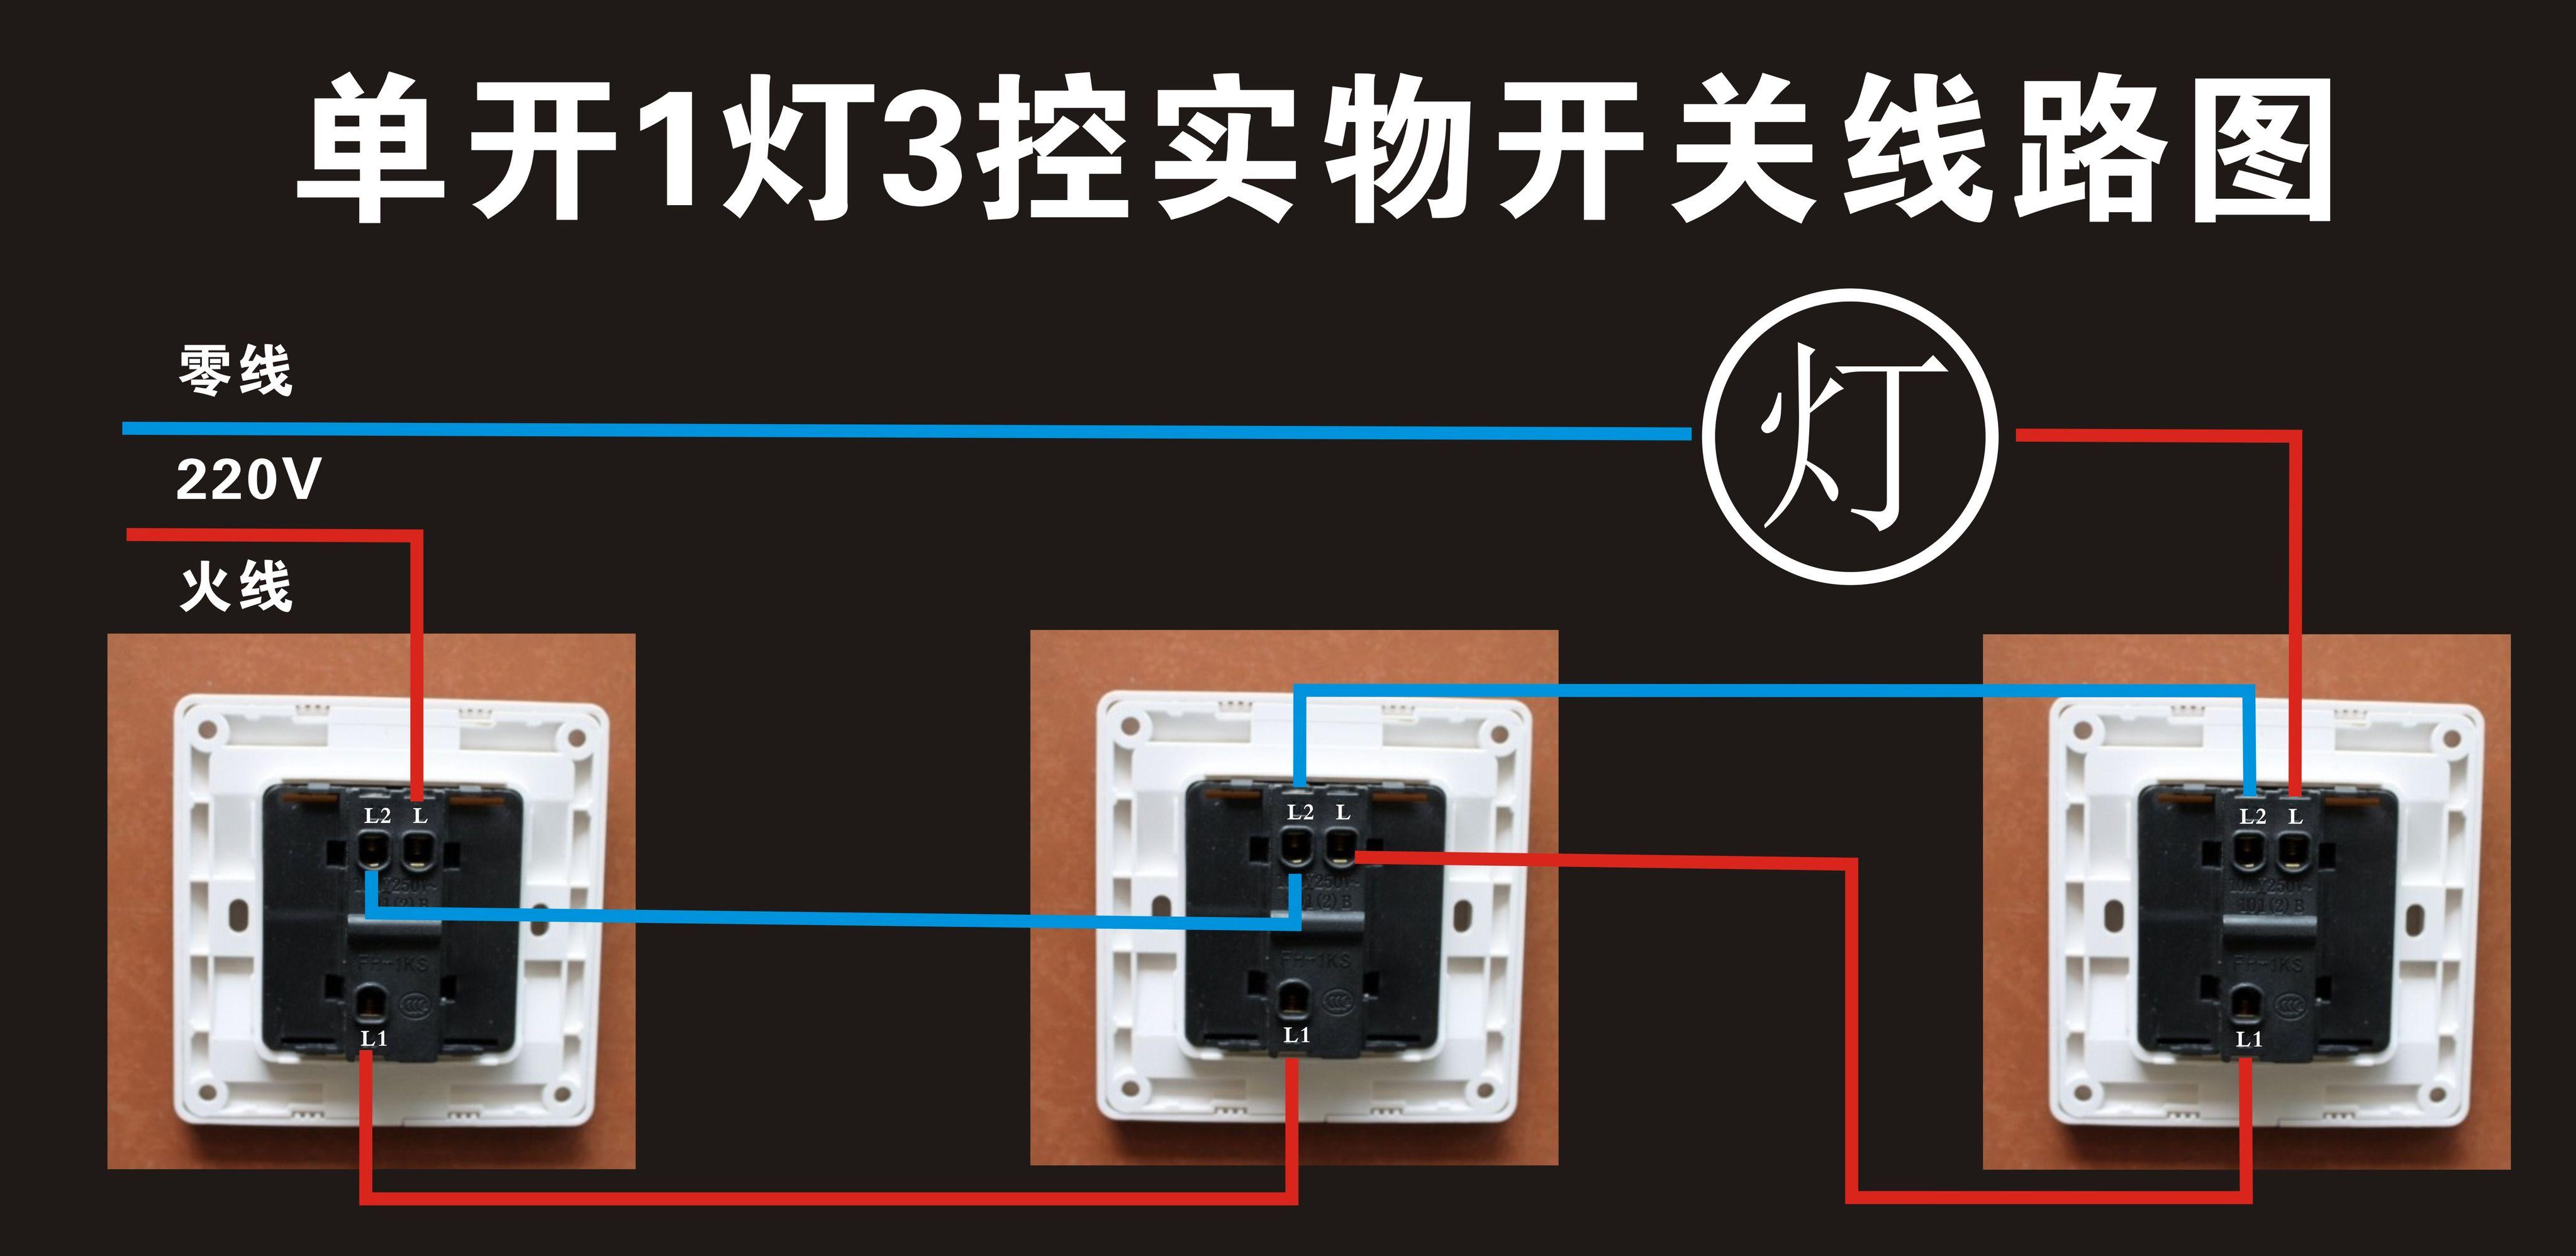 三控开关接线图,装修电工要用